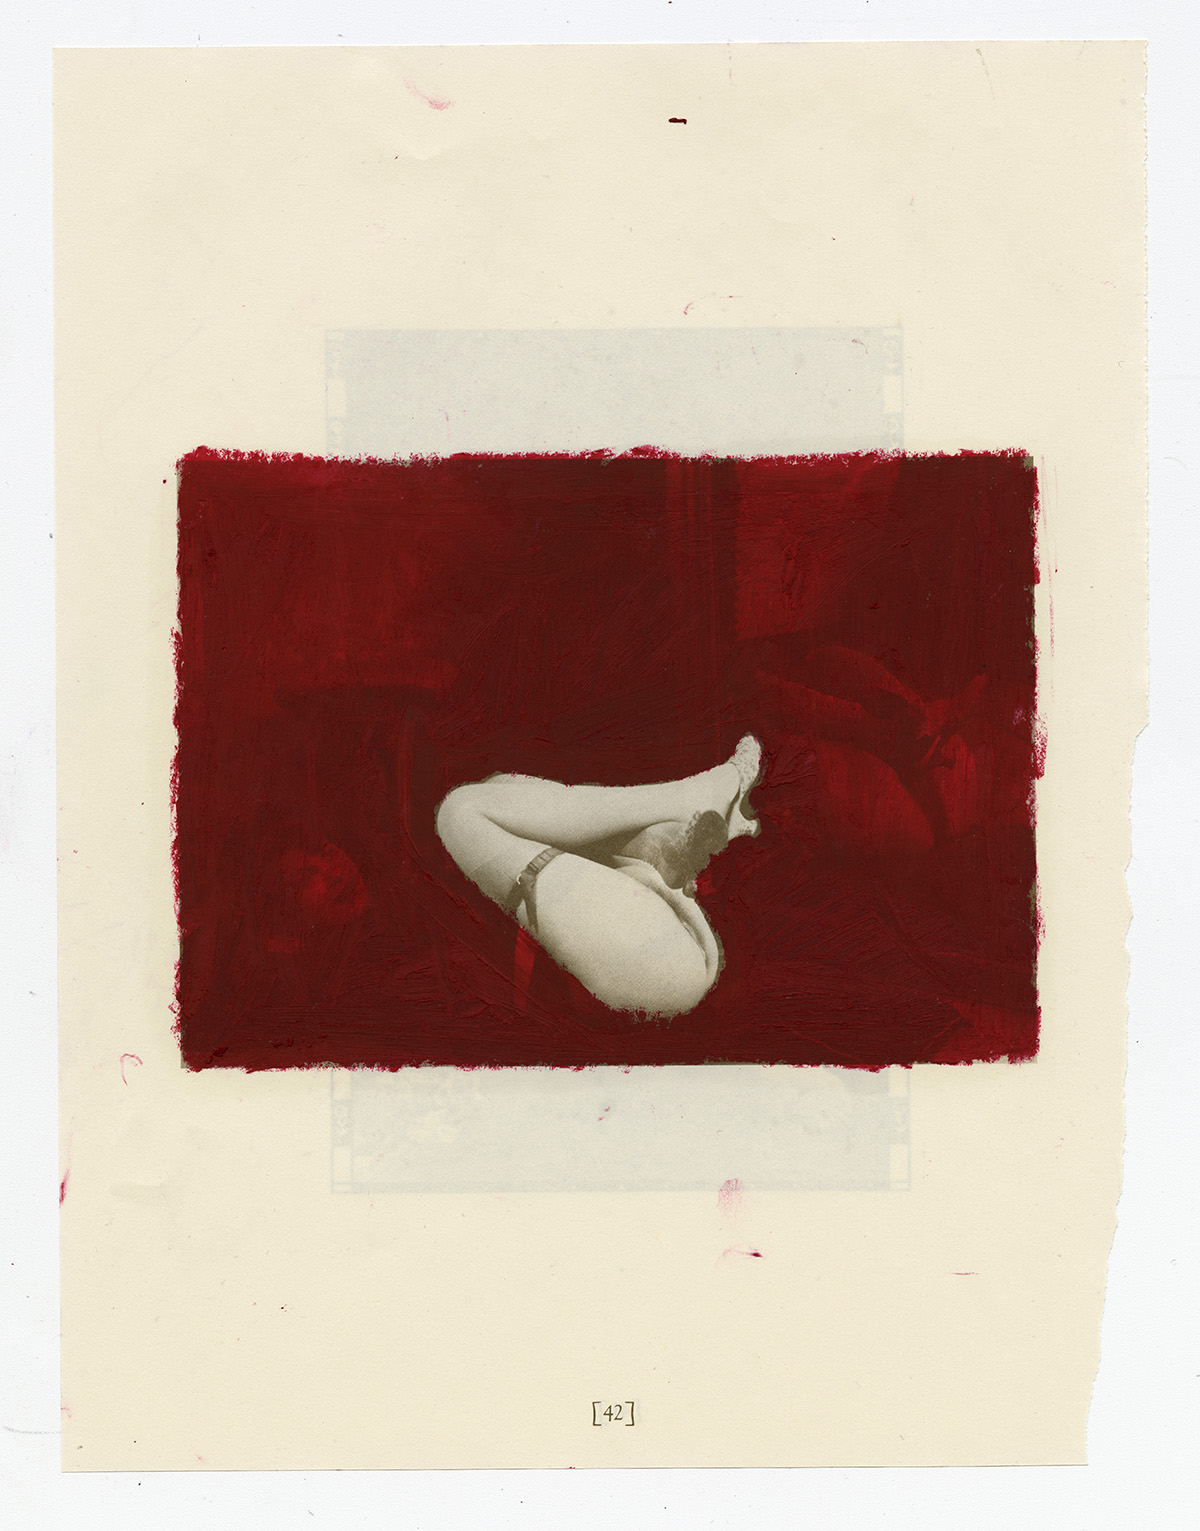 """Sondra Meszaros, strange spot, 2018 - 2019. Oil pastel on found book page, 12.25 x 14.75""""."""